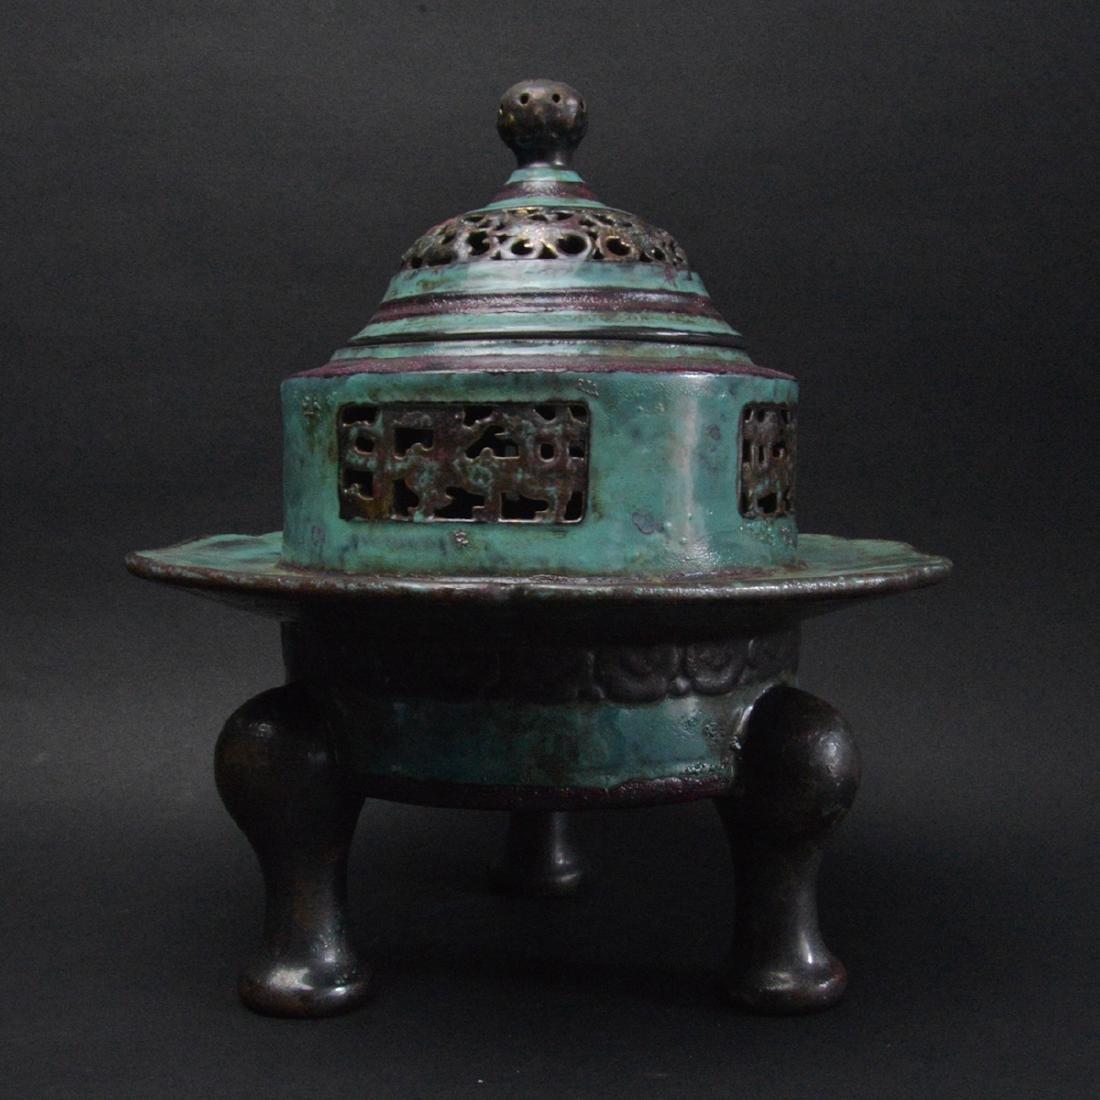 CHINESE ROBIN'S EGG GLAZED PORCELAIN CENSER